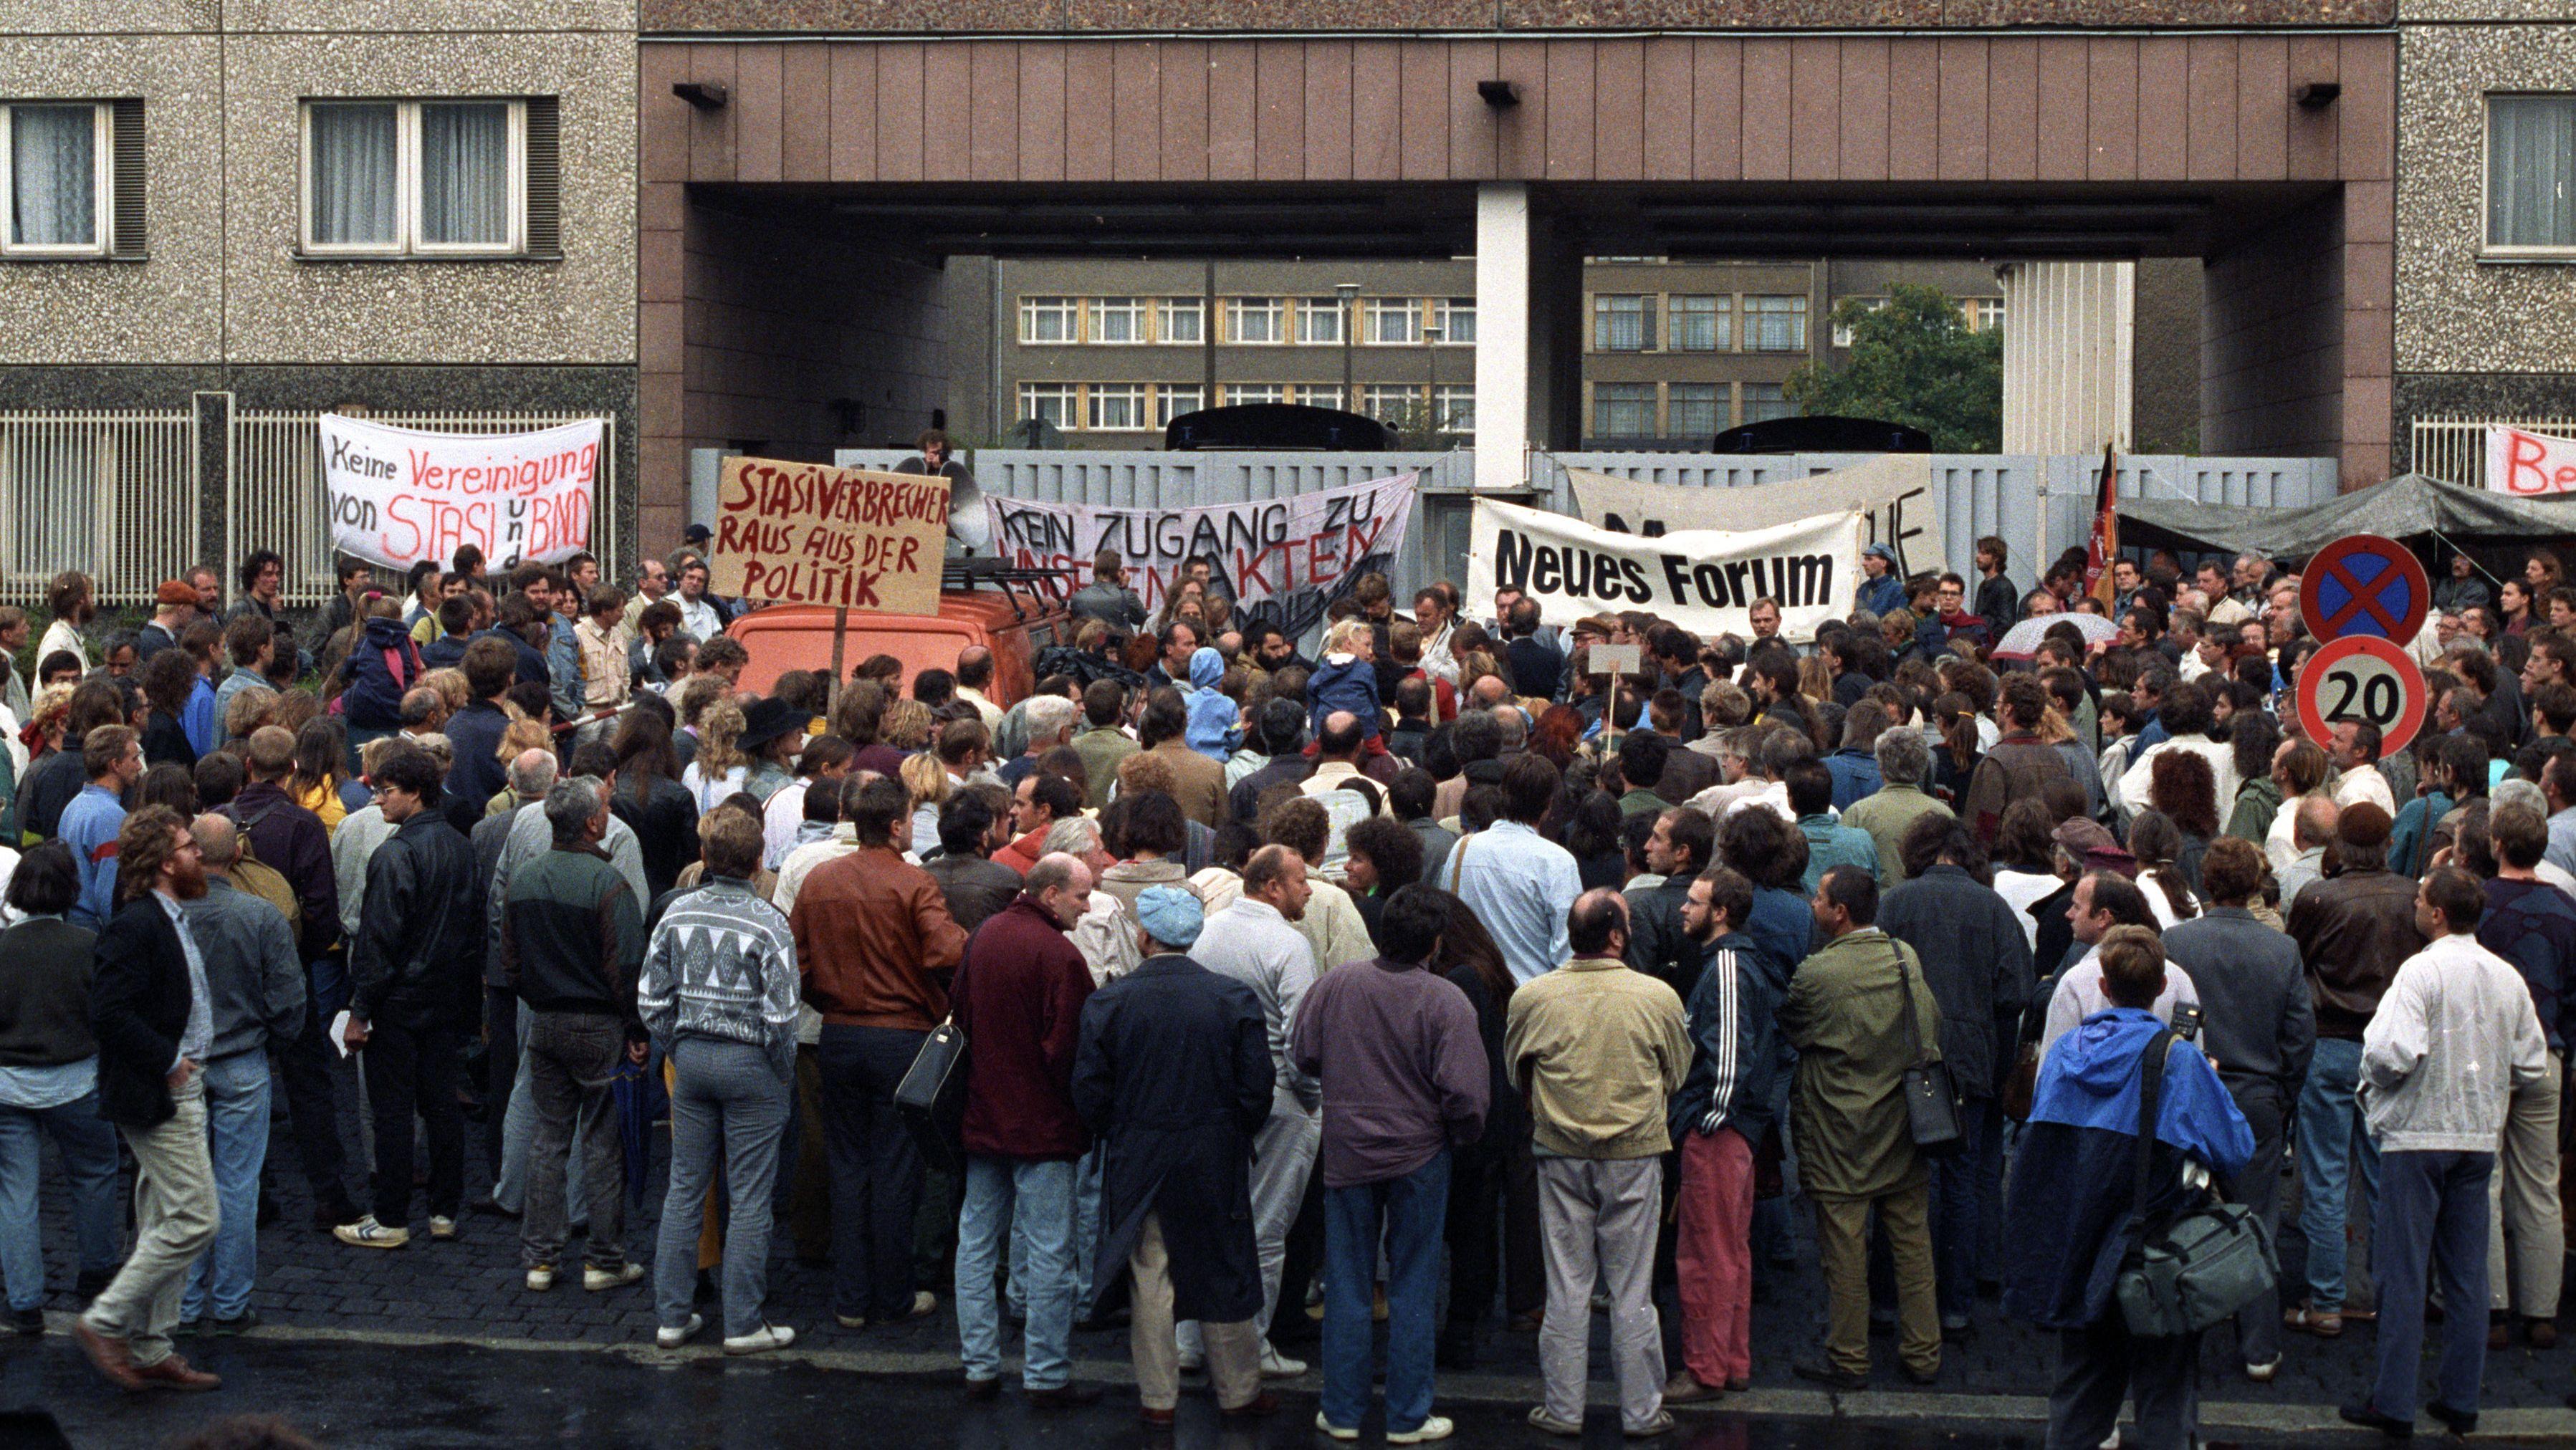 Bis zu 100.000 Demonstranten belagern das Stasi-Hauptquartier in Berlin